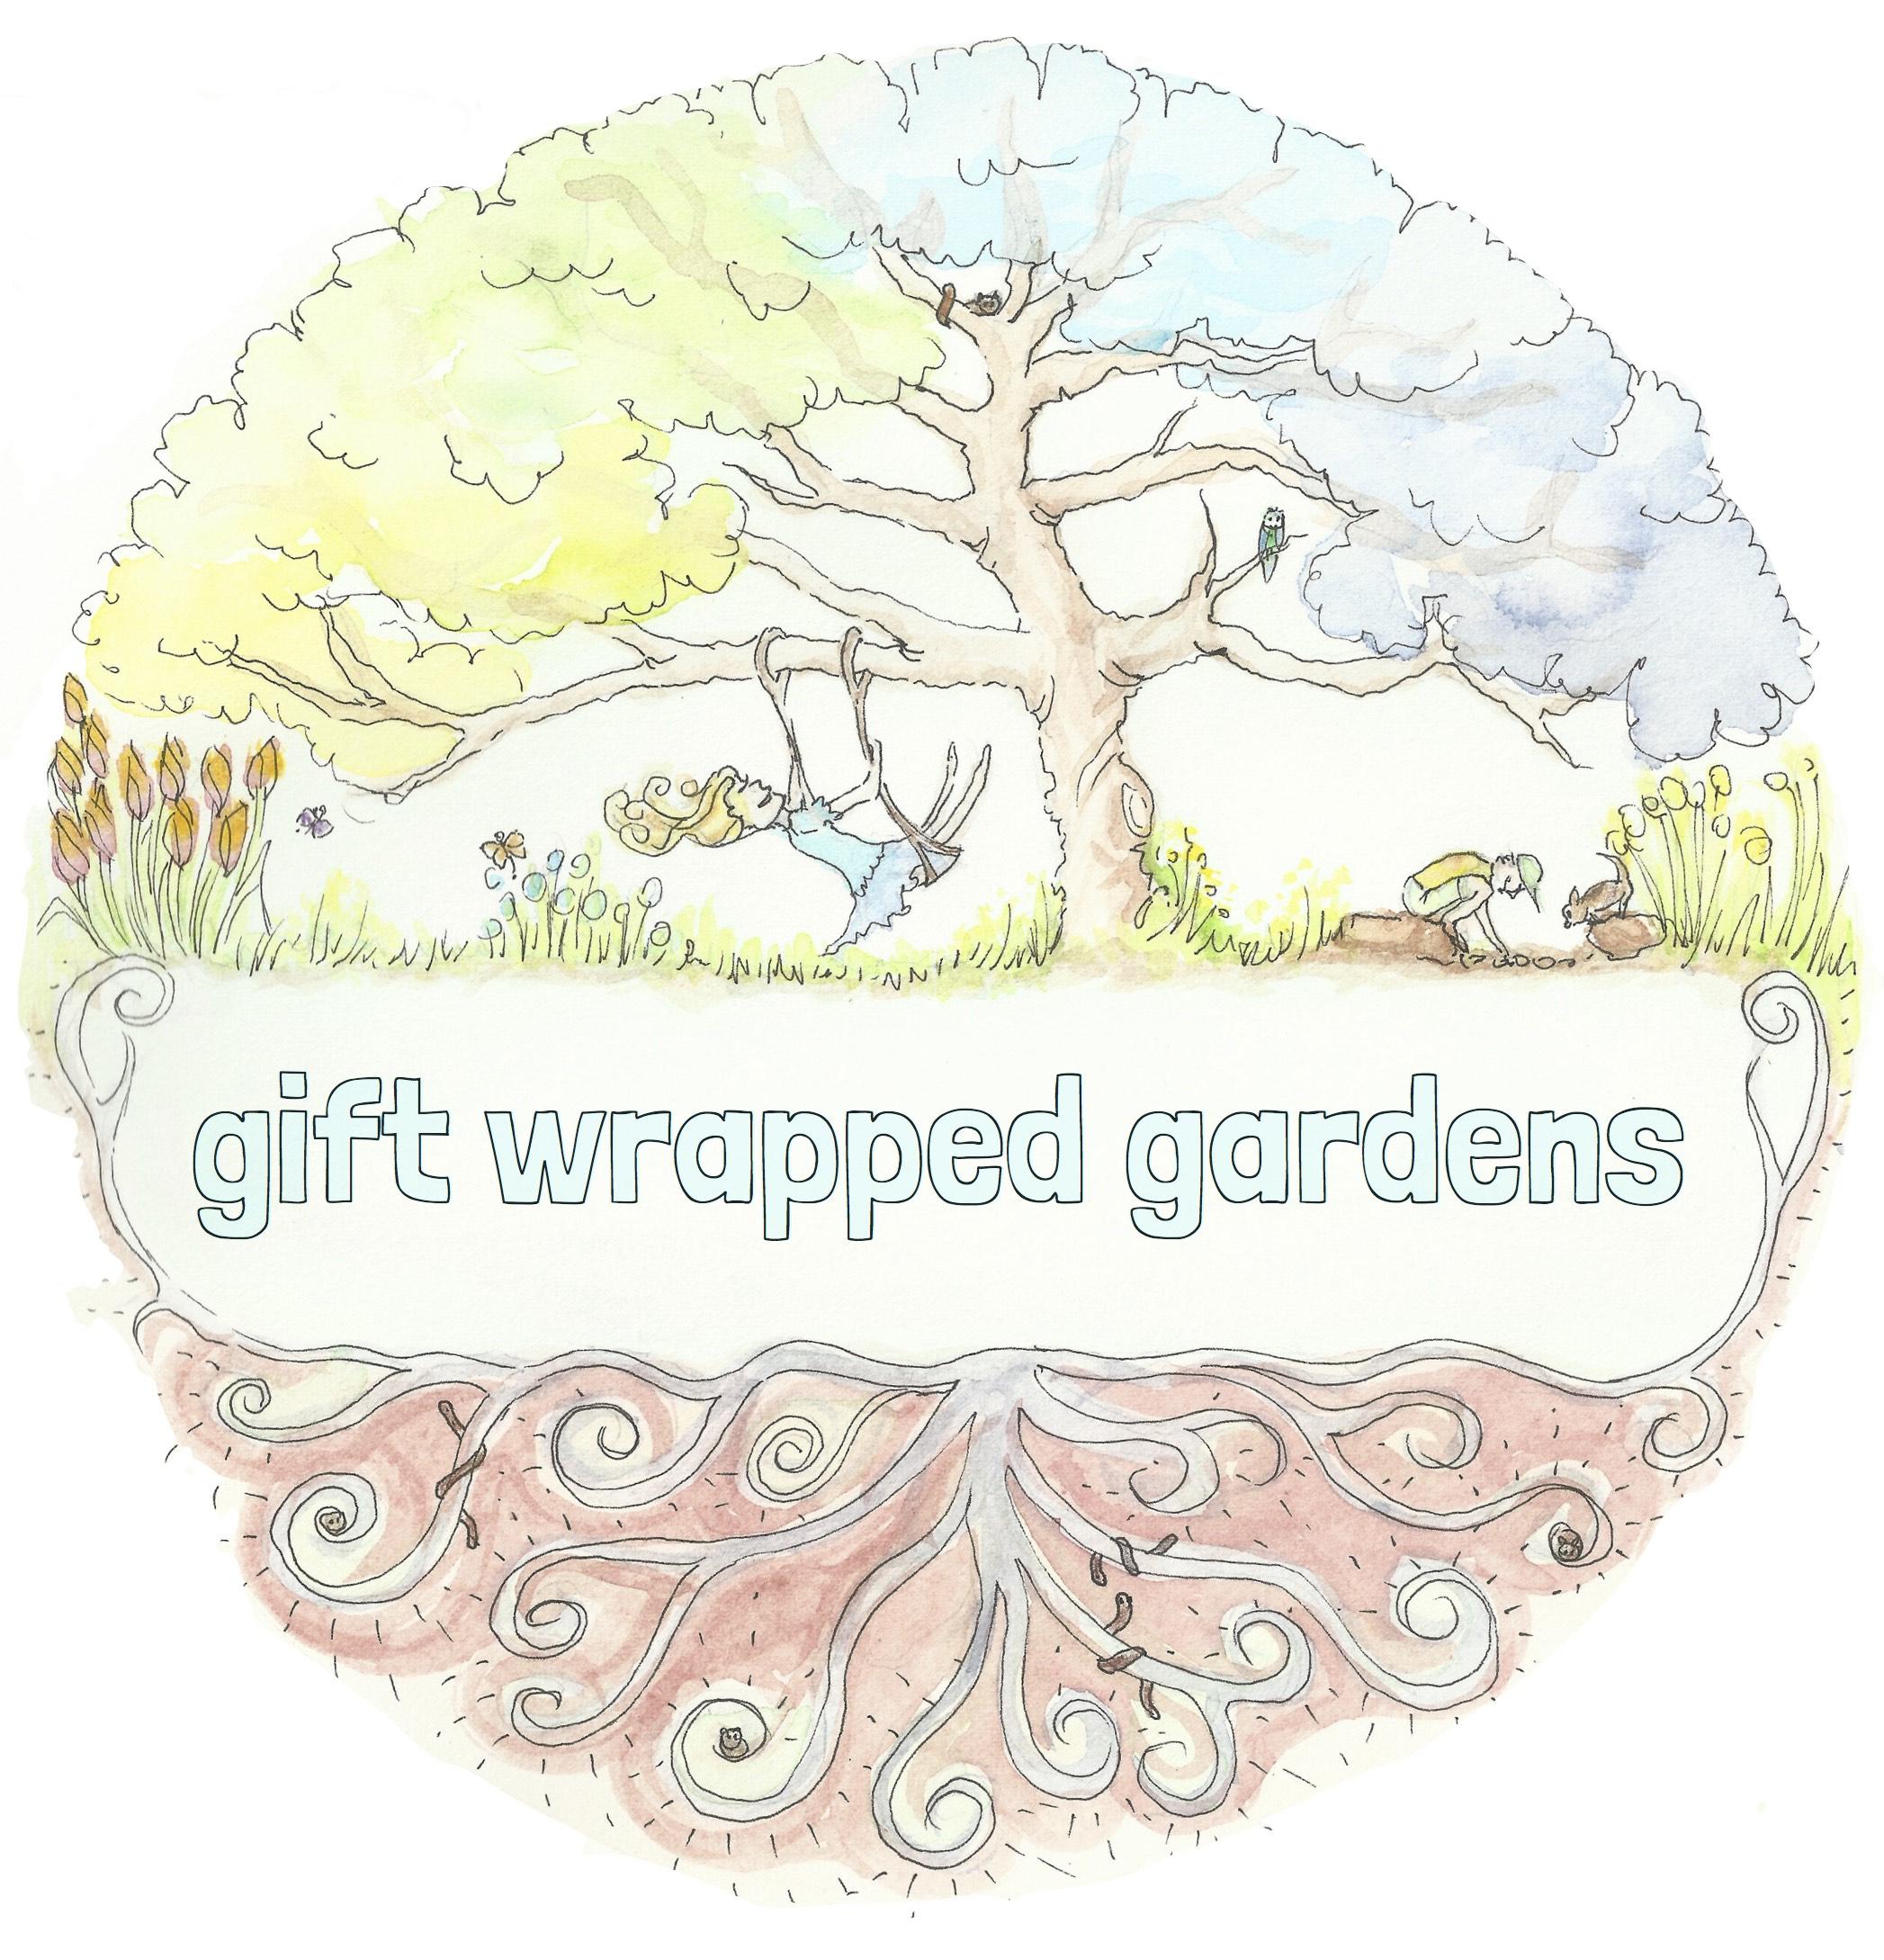 giftwrappedgardens.com.au